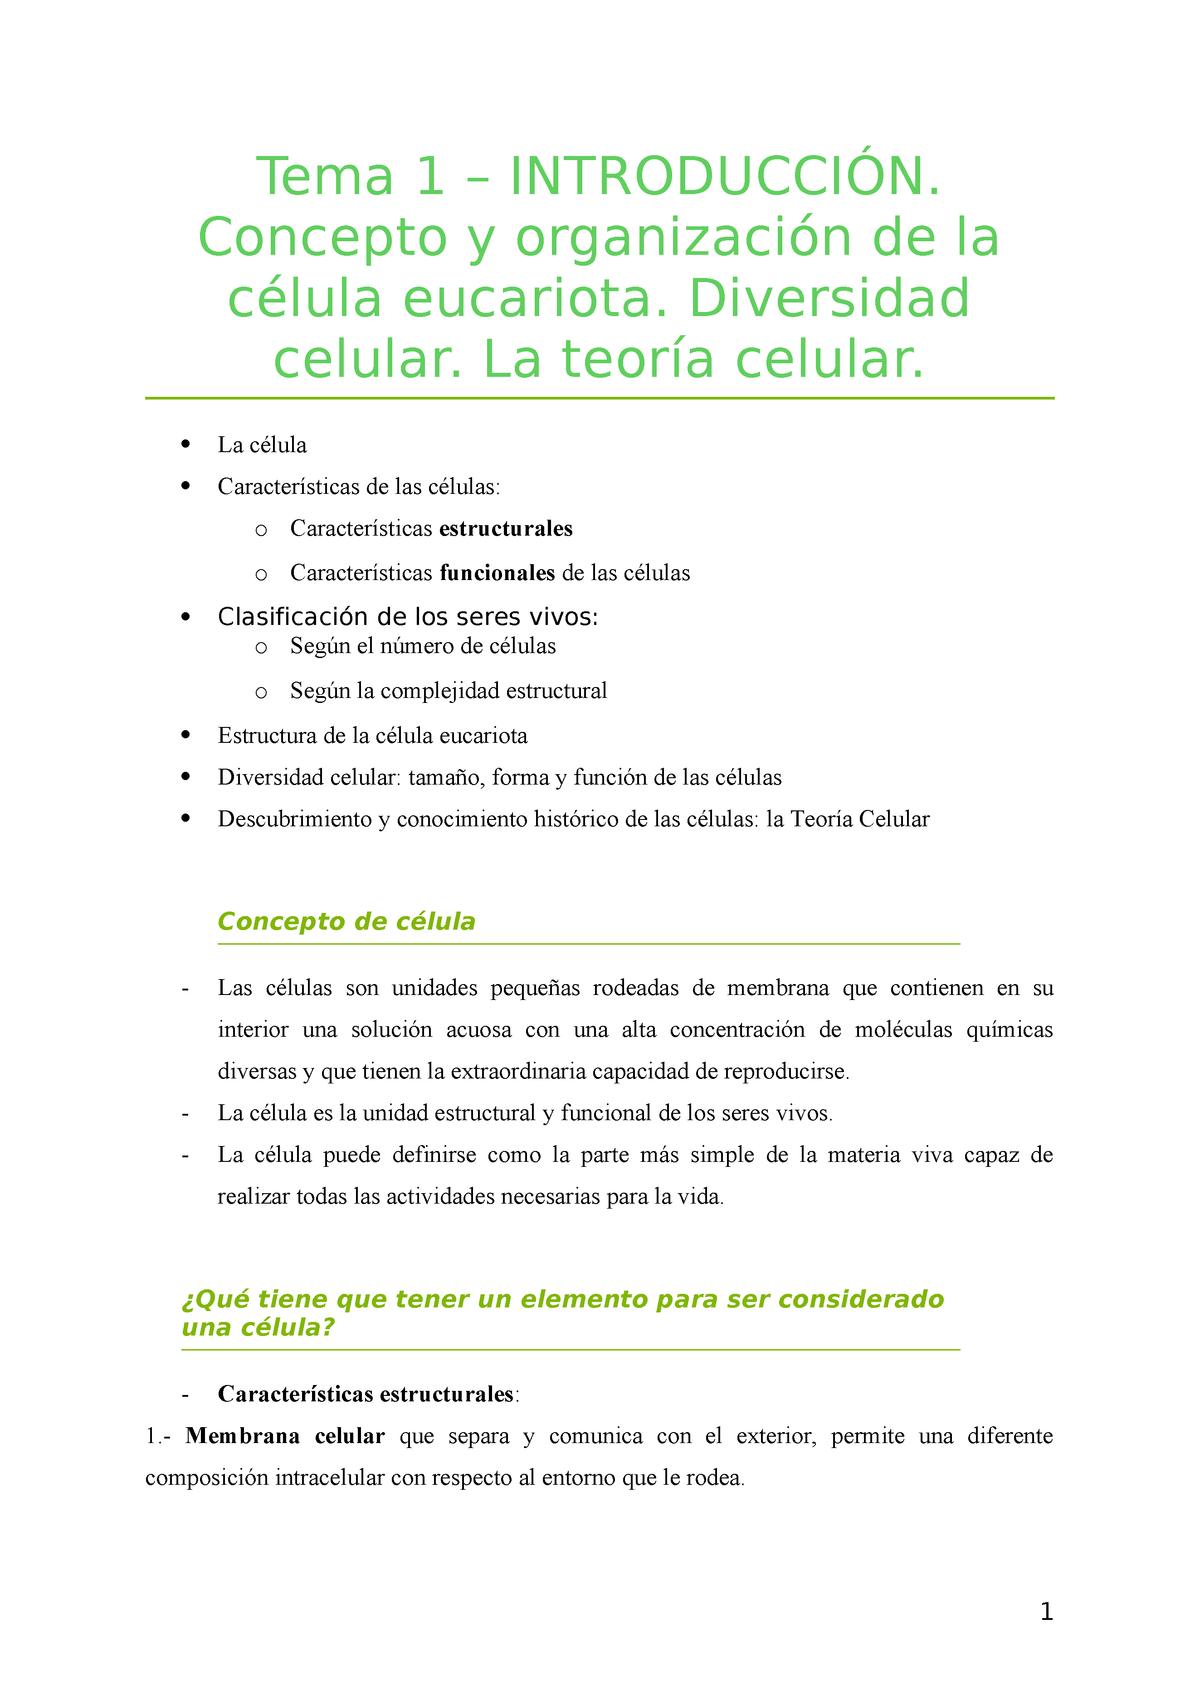 1r T Intro Apuntes 1 Biología Celular Udl Studocu